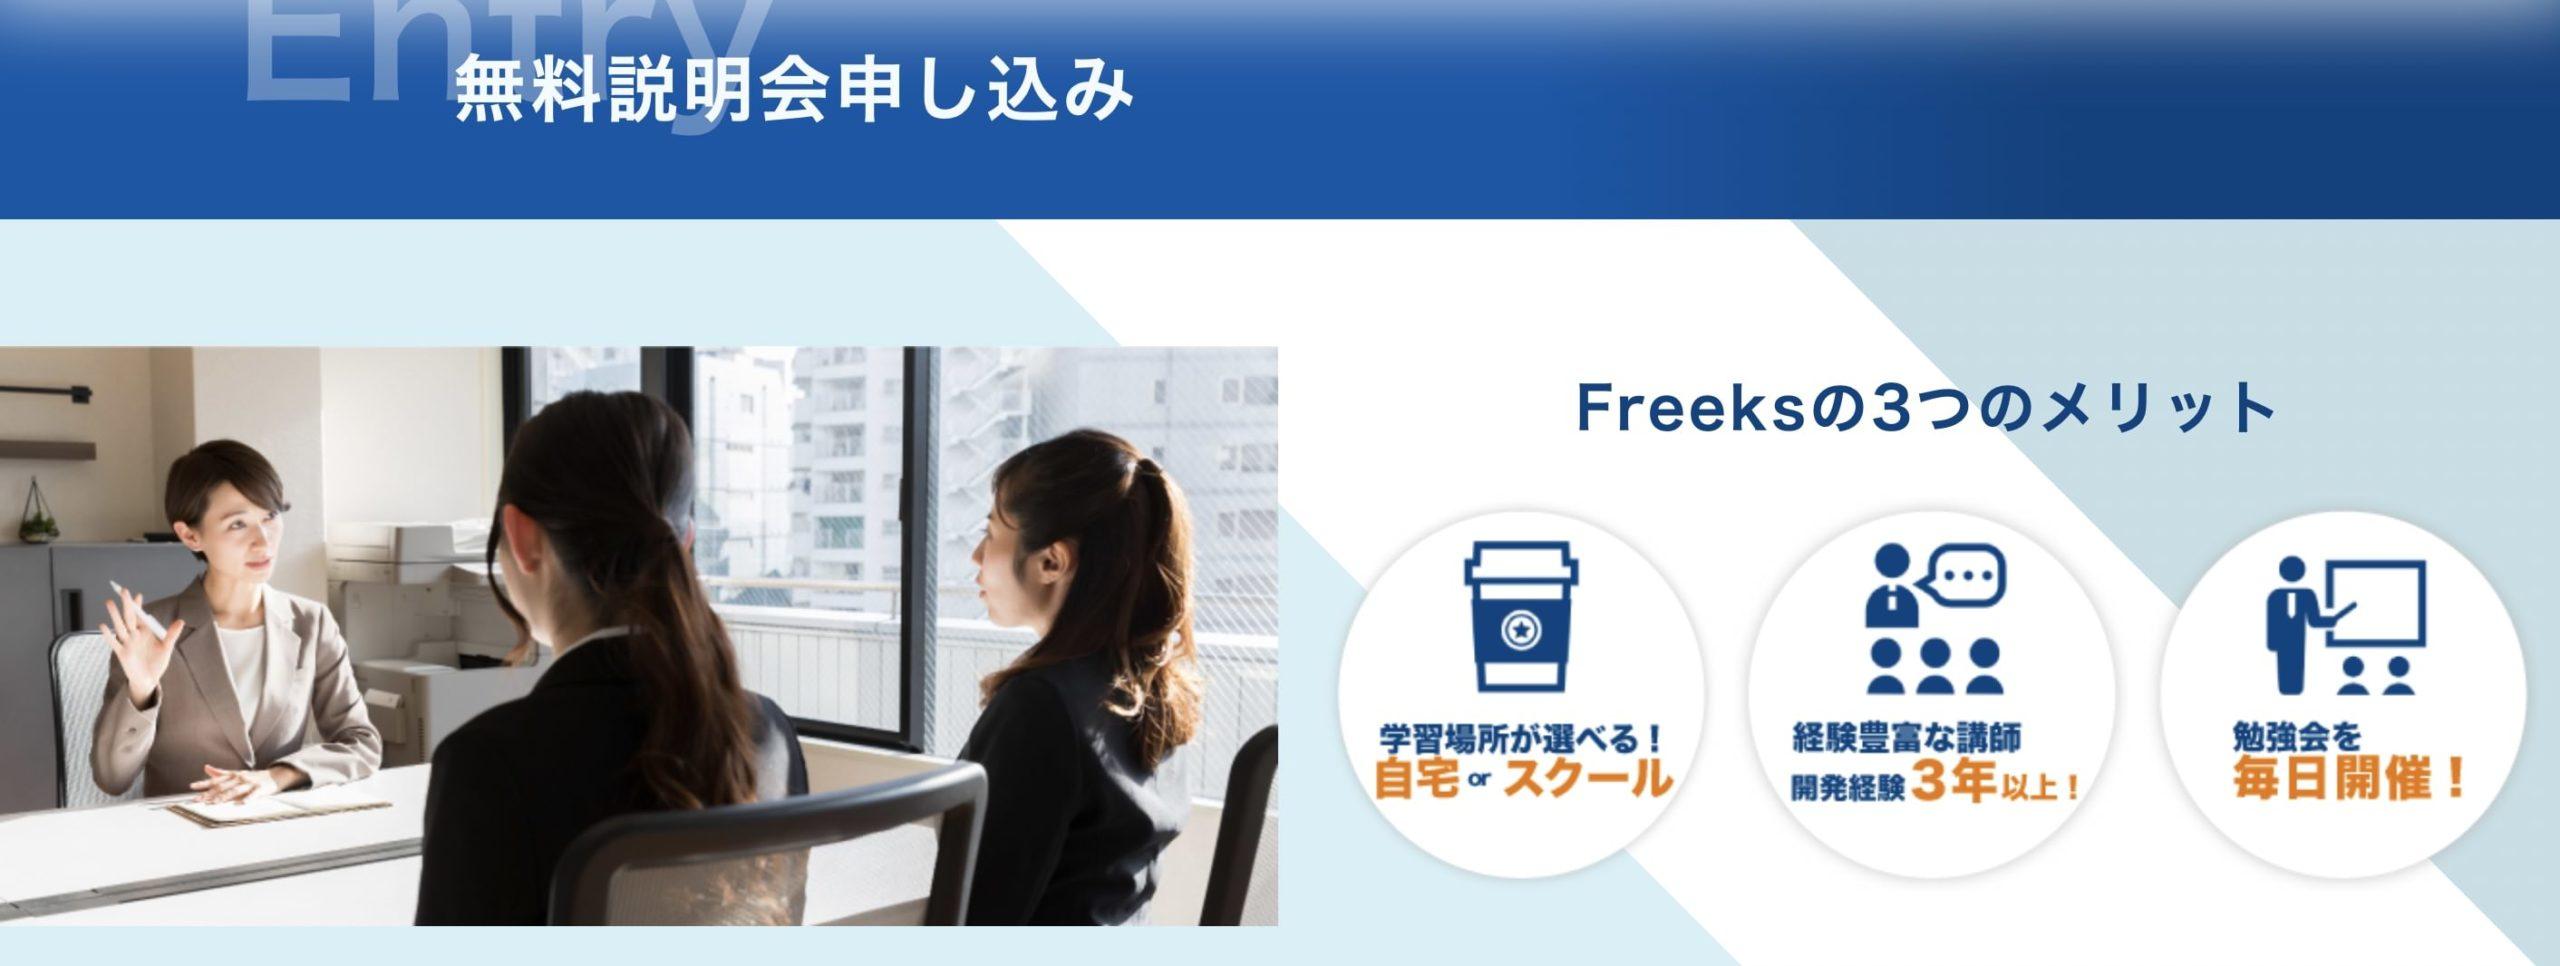 Freeks(フリークス)の無料説明会